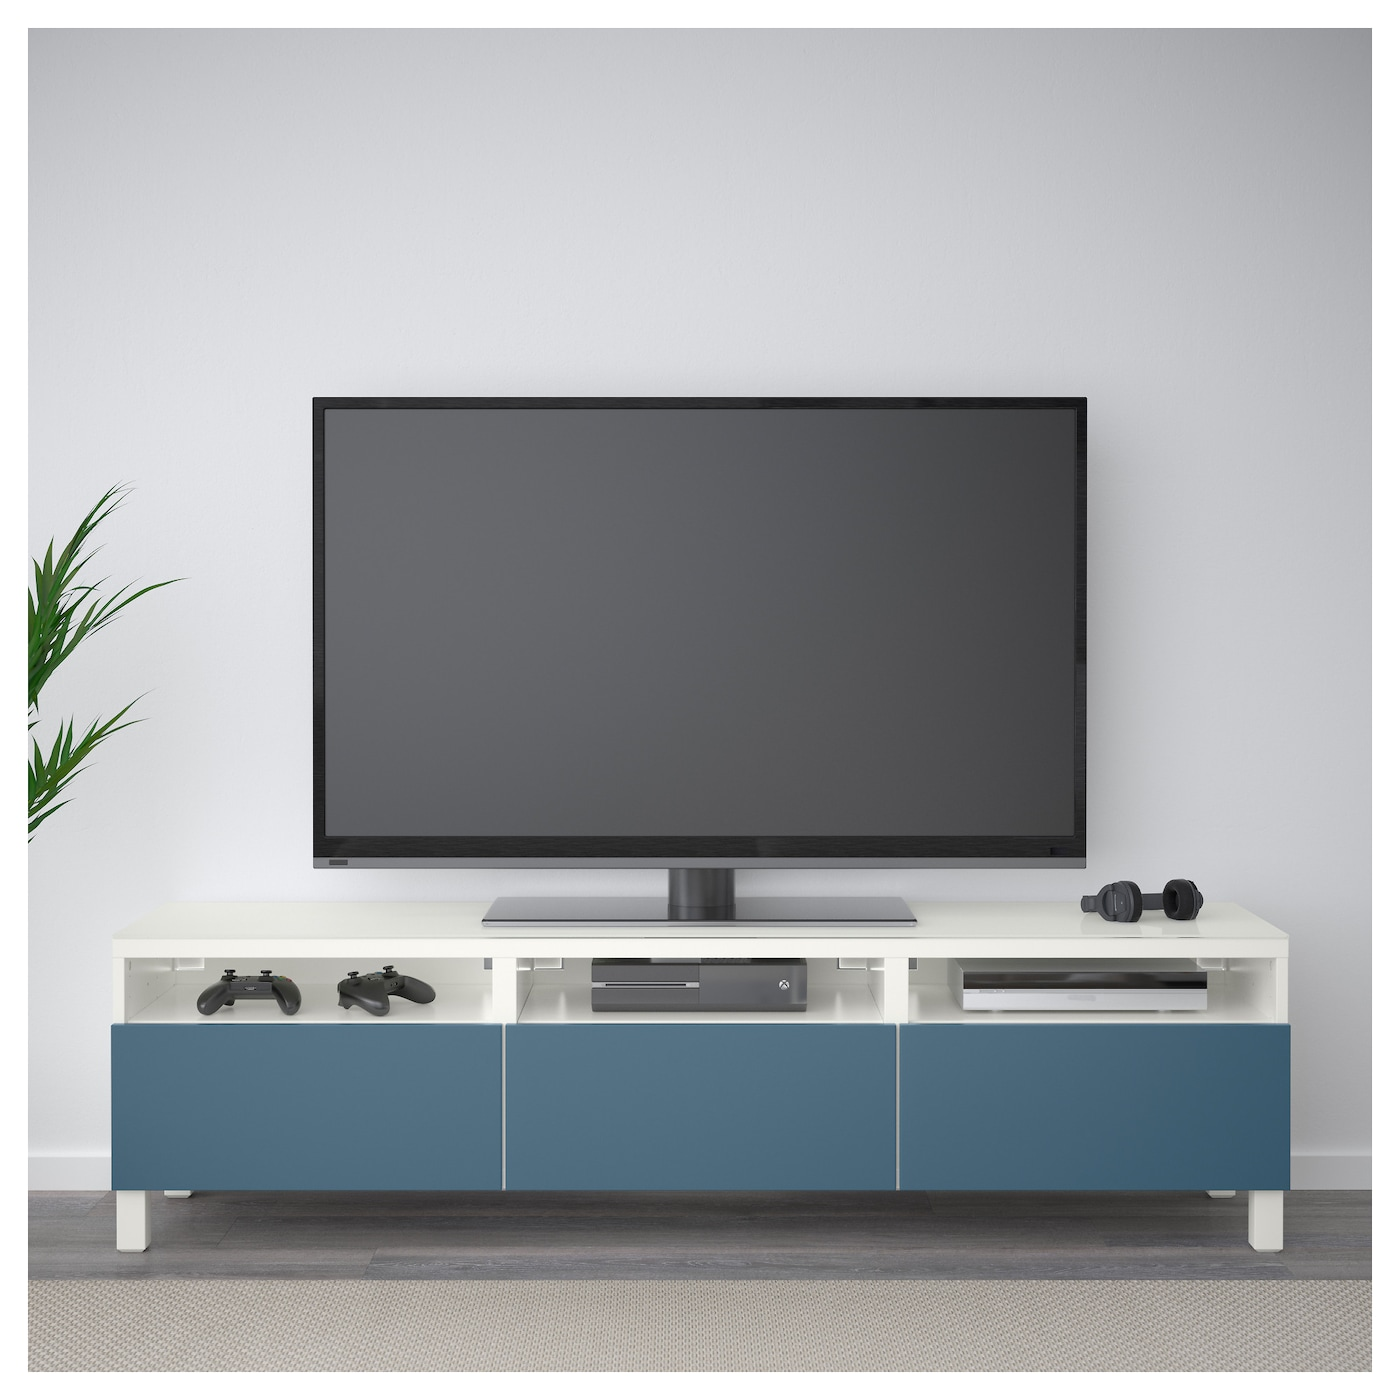 Best Tv Bench With Drawers White Valviken Dark Blue 180x40x48 Cm Ikea